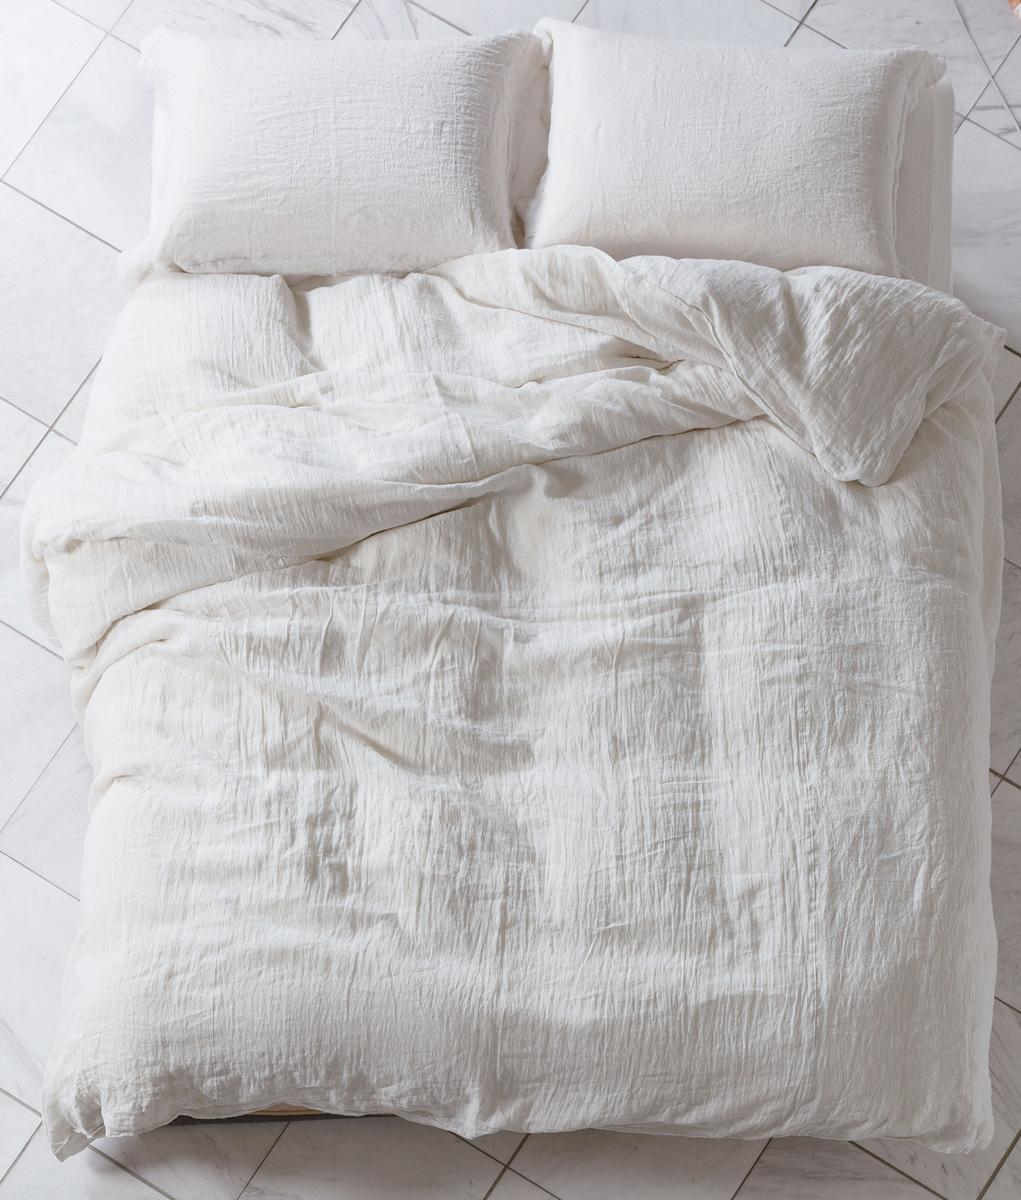 ドリームベッド グランリネン シングル ベッドシーツセット掛け布団カバー マットシーツ GL-607 ホワイト白 麻 コンフォーターケース・ピローケース・ボックスシーツセット 日本製寝装品 送料無料